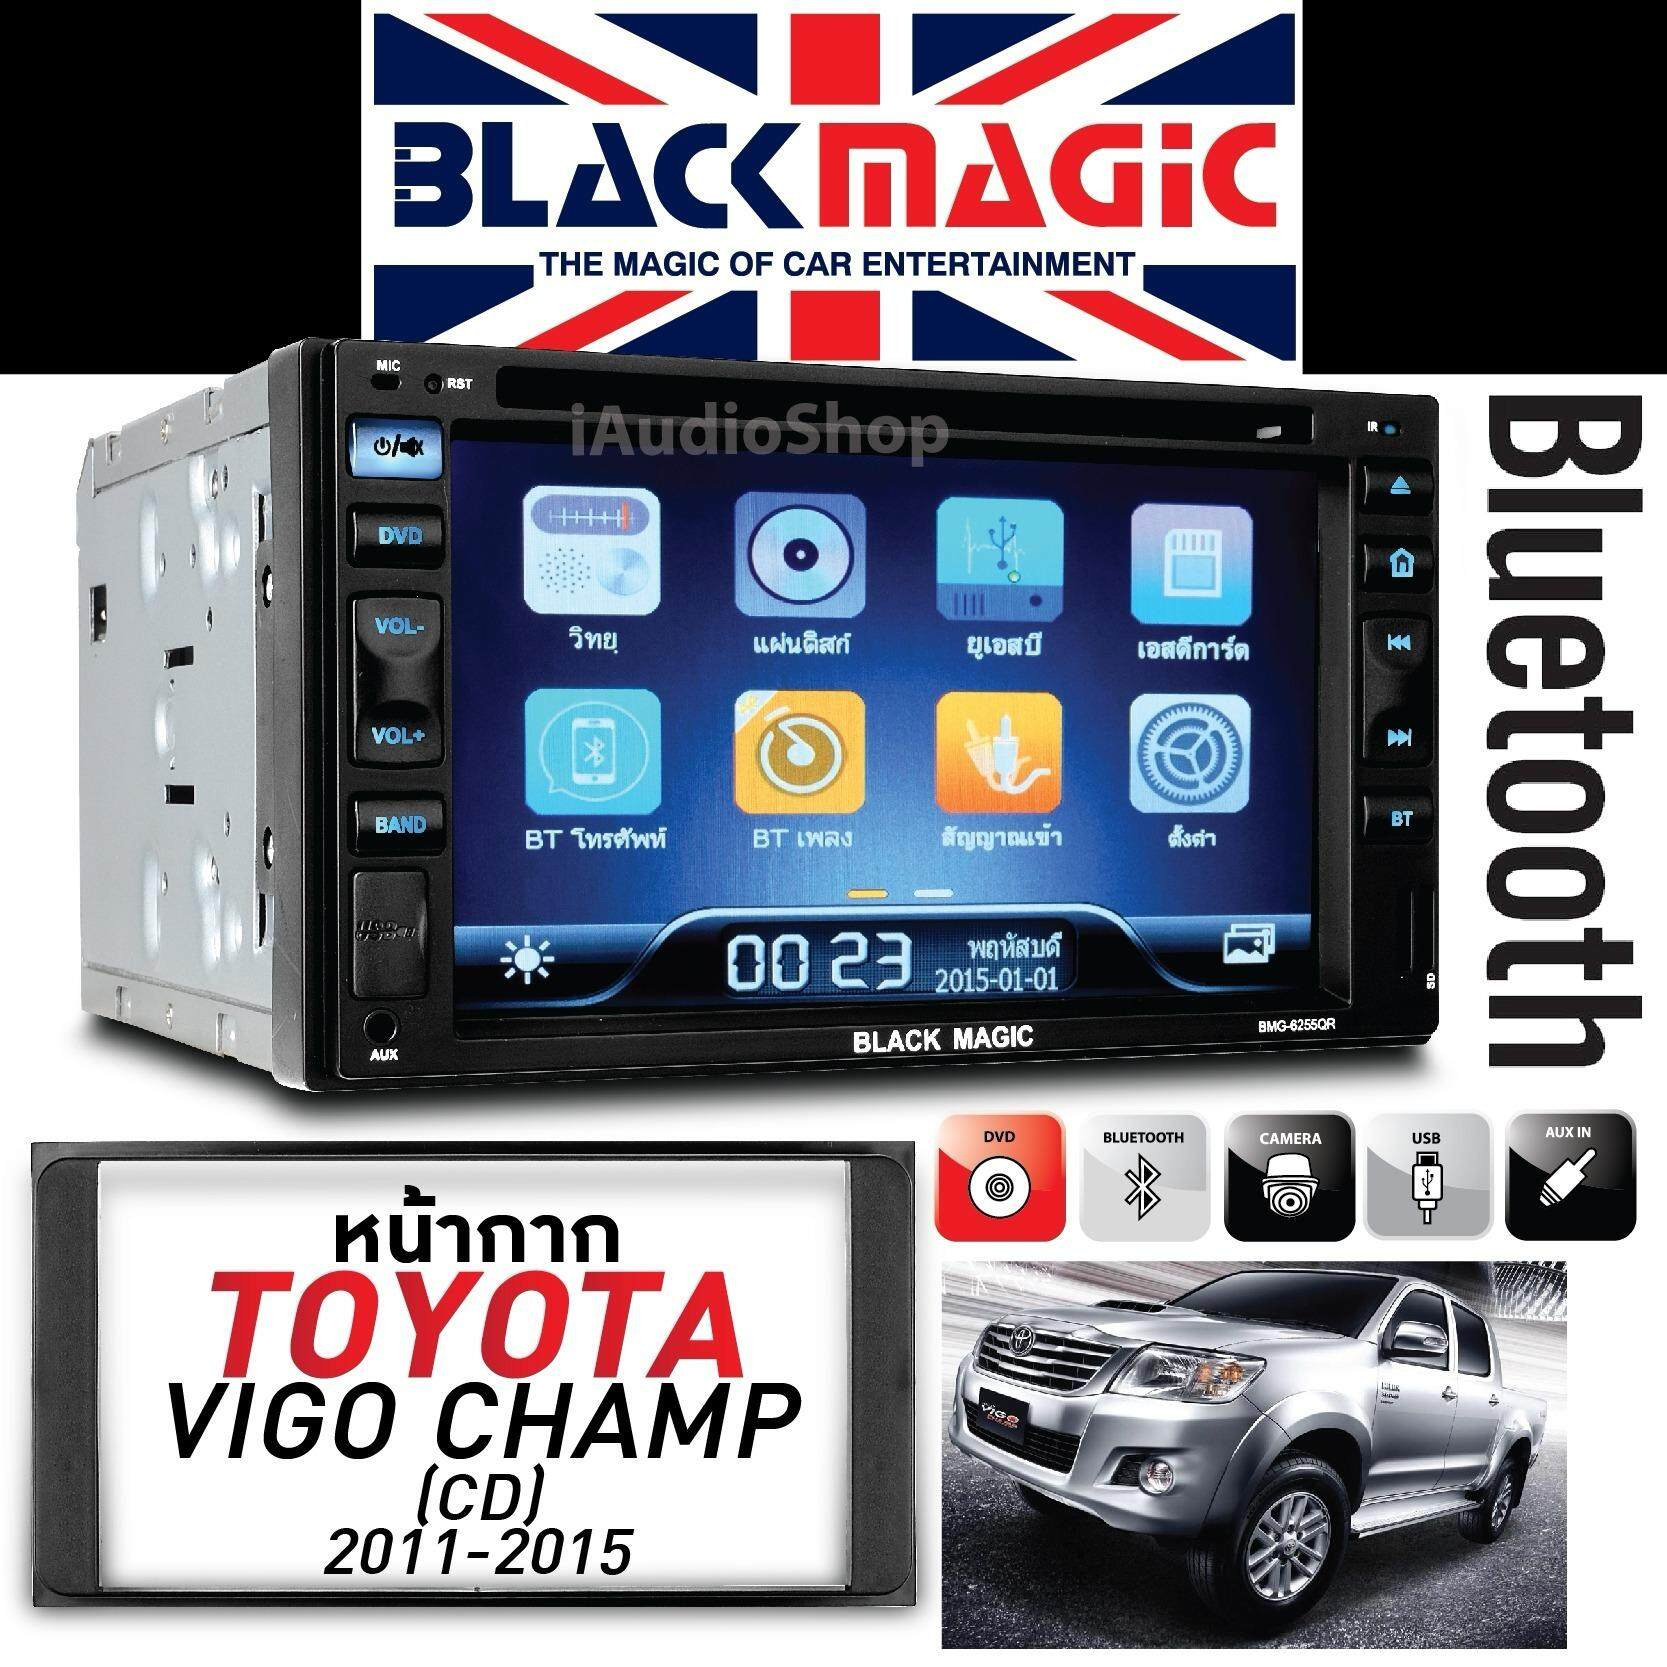 ราคา Black Magic วิทยุติดรถยนต์ จอติดรถยนต์ เครื่องเล่นติดรถยนต์ เครื่องเสียงรถยนต์ แบบ 2 Din ขนาด6 25 พร้อมหน้ากาก โตโยต้า วีโก้ แชมป์ Toyota Vigo Champ Cd 11 15 ถูก